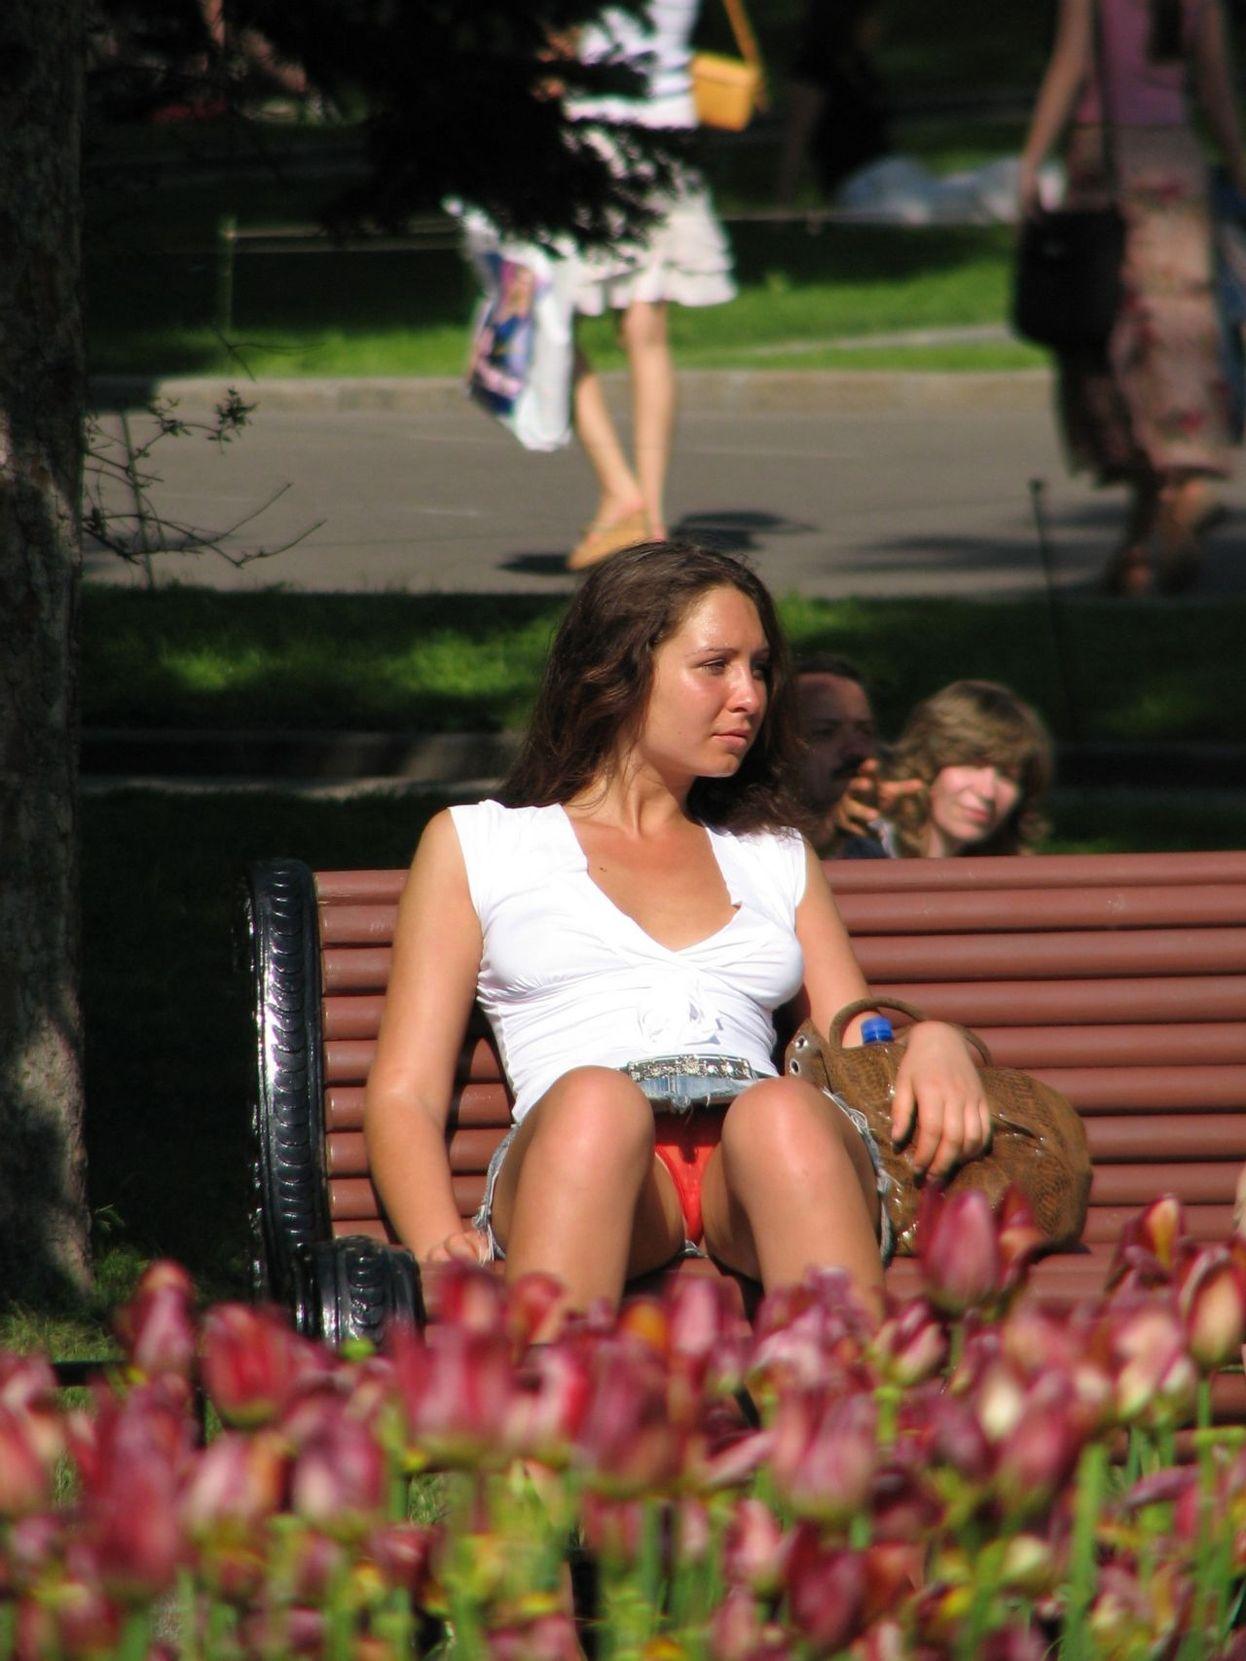 Девушка засветила в парке прозрачные красные трусики